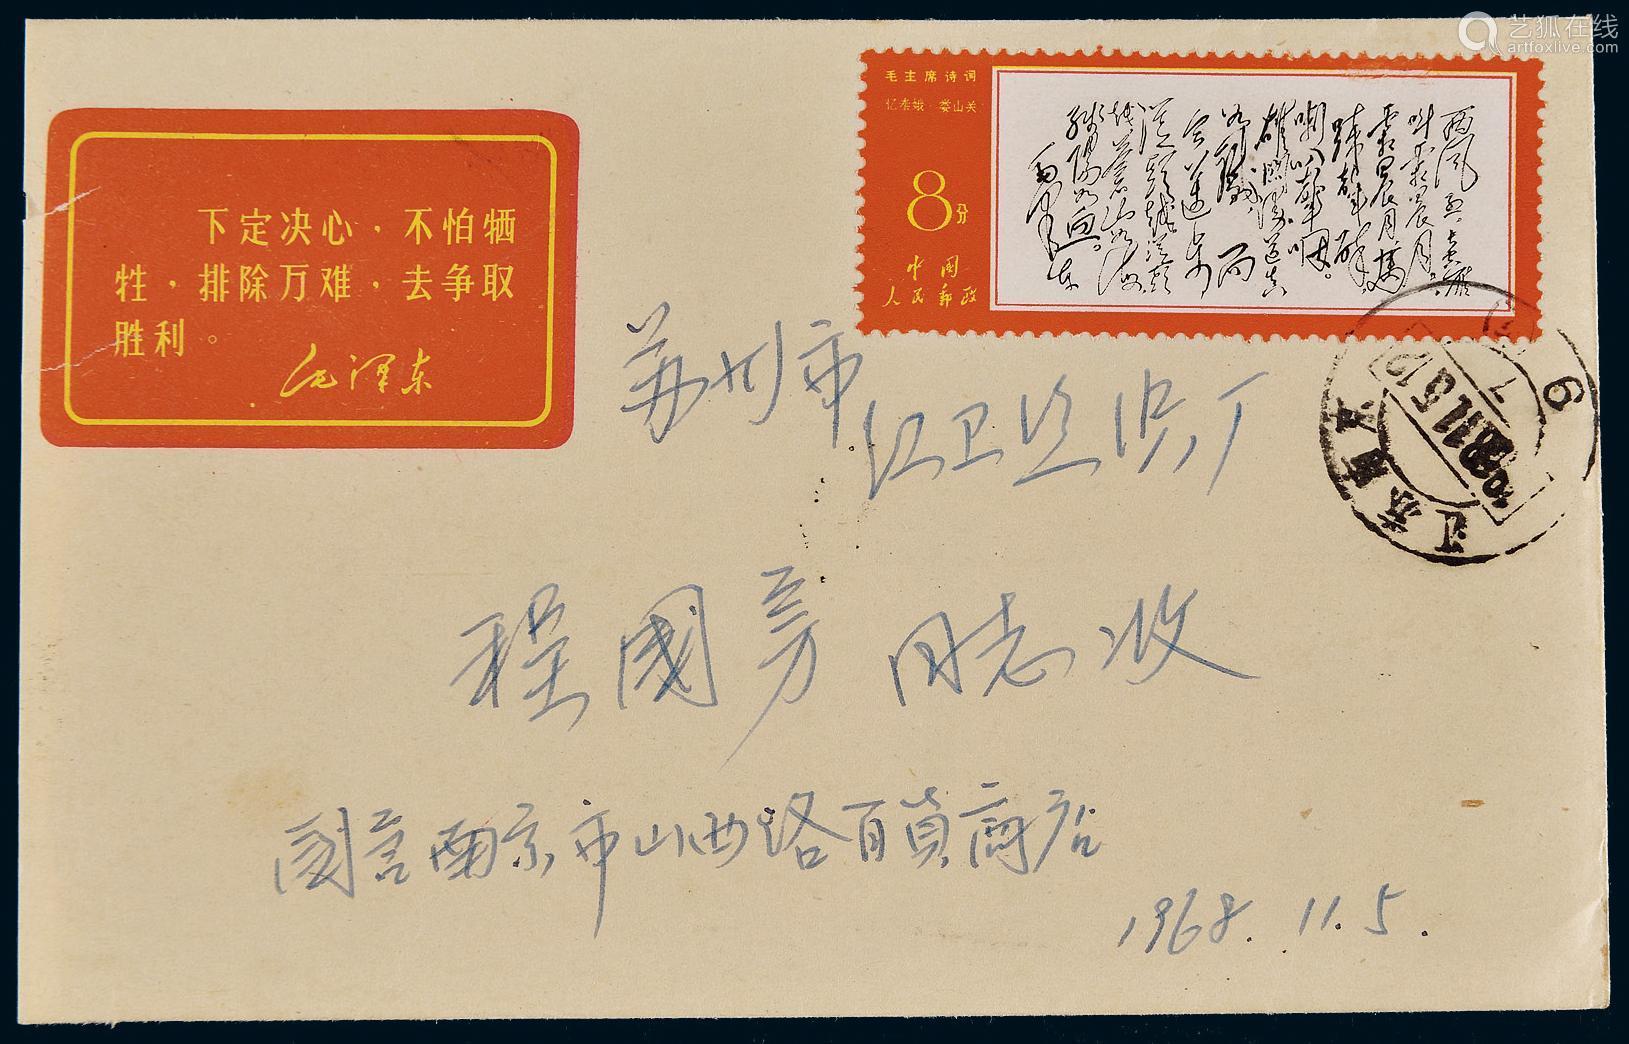 """1968年江苏南京寄苏州文革封。贴文7毛主席诗词""""西风烈""""8分邮票一枚"""